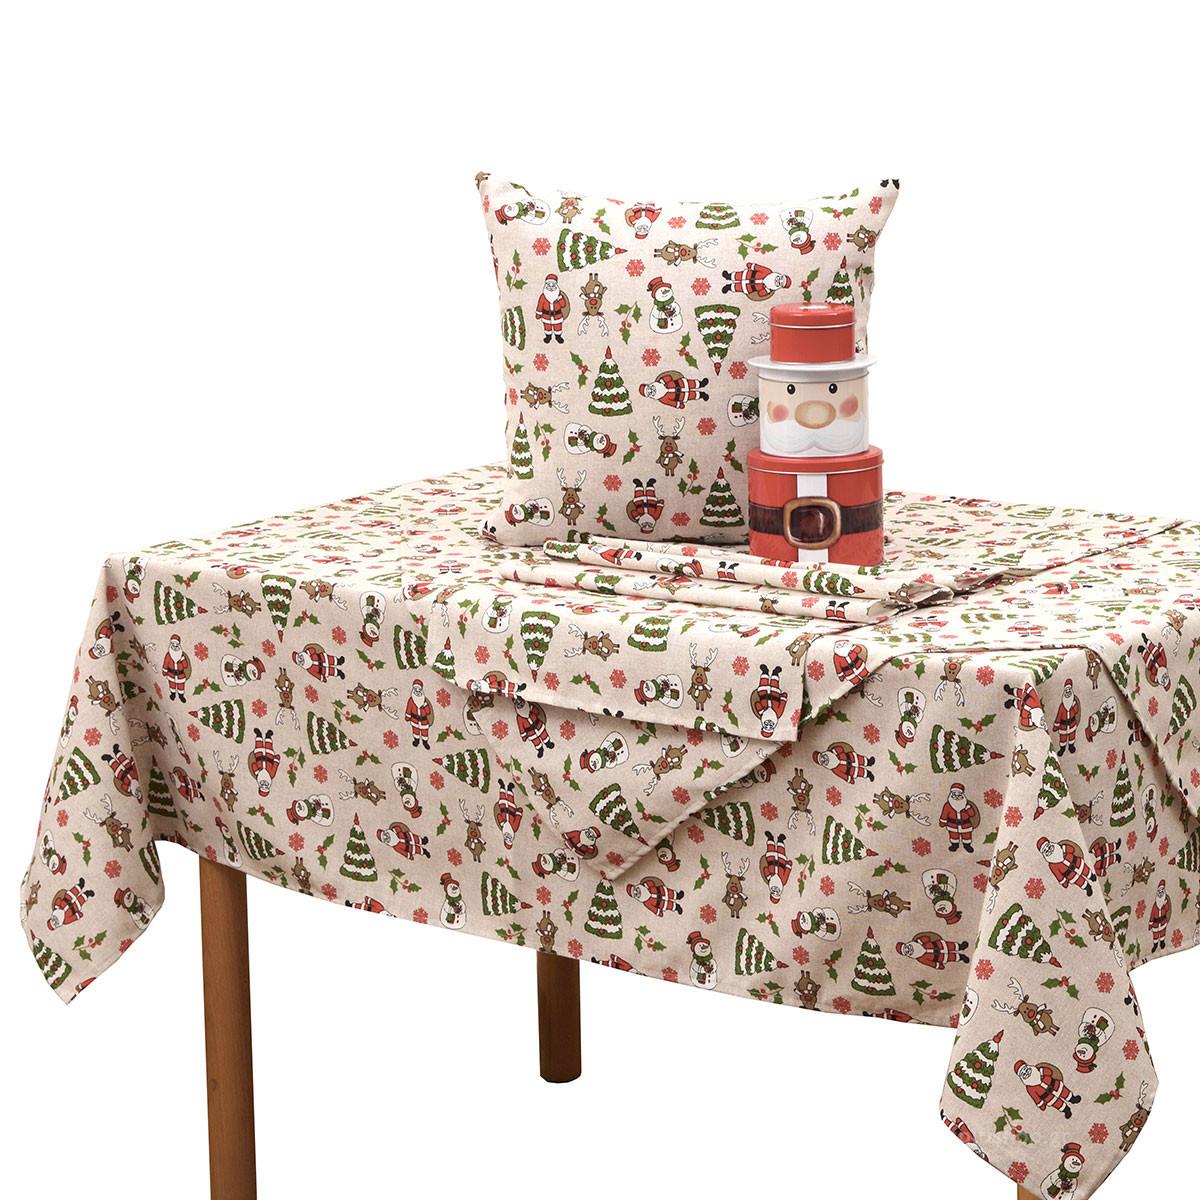 Χριστουγεννιάτικο Μαξιλάρι Viopros 4440 home   χριστουγεννιάτικα   χριστουγεννιάτικα μαξιλάρια